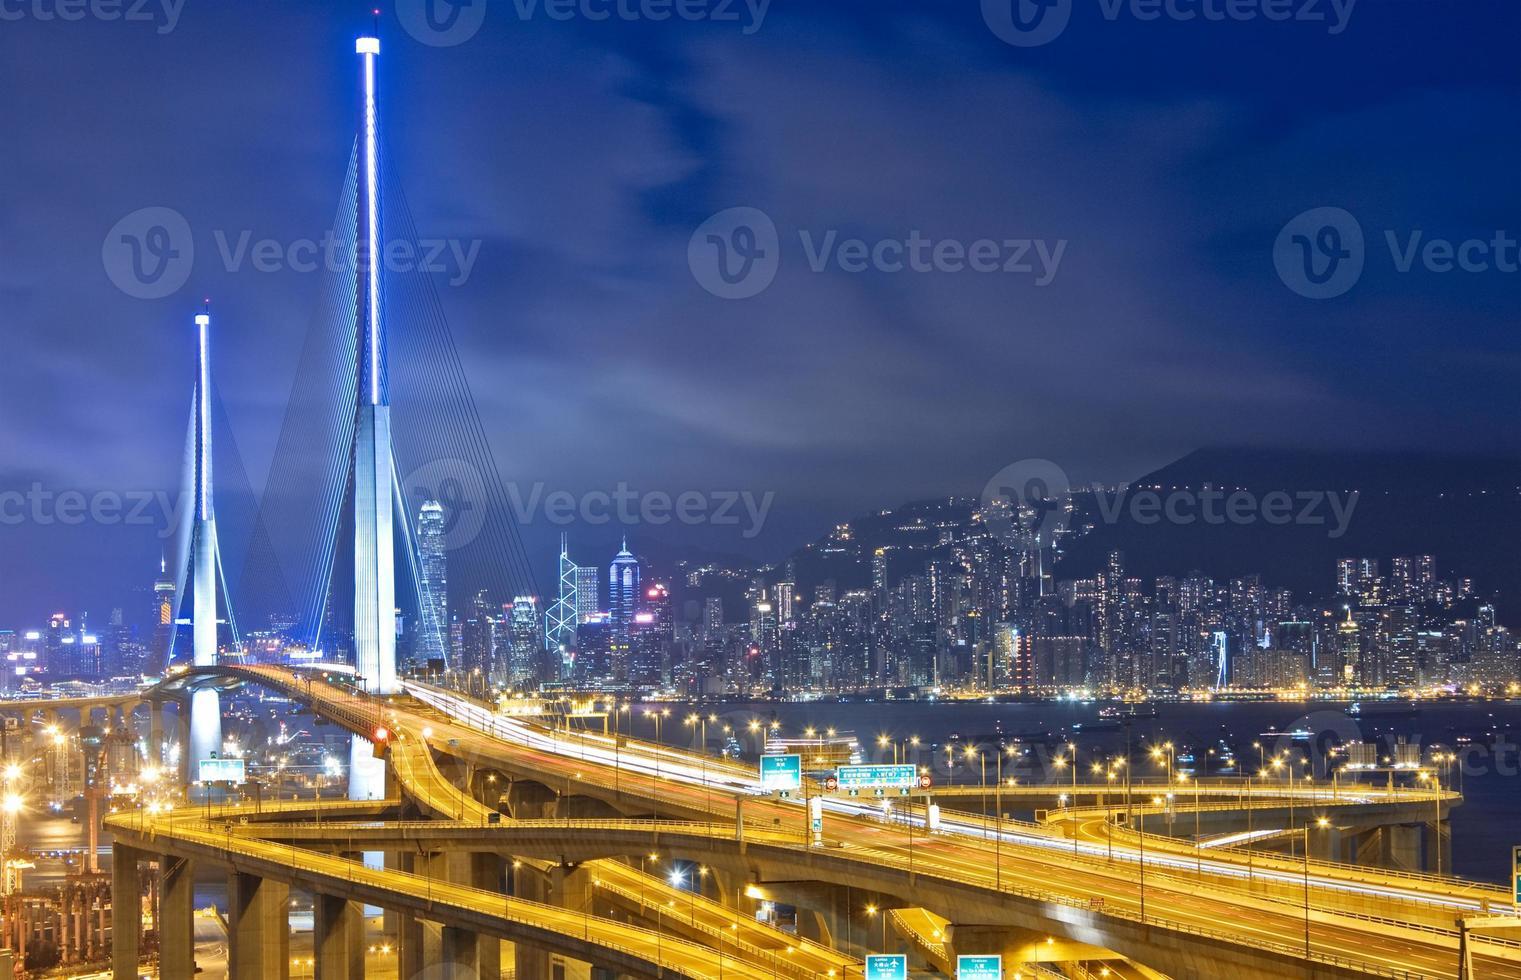 Autobahn in der Stadt in der Nacht foto